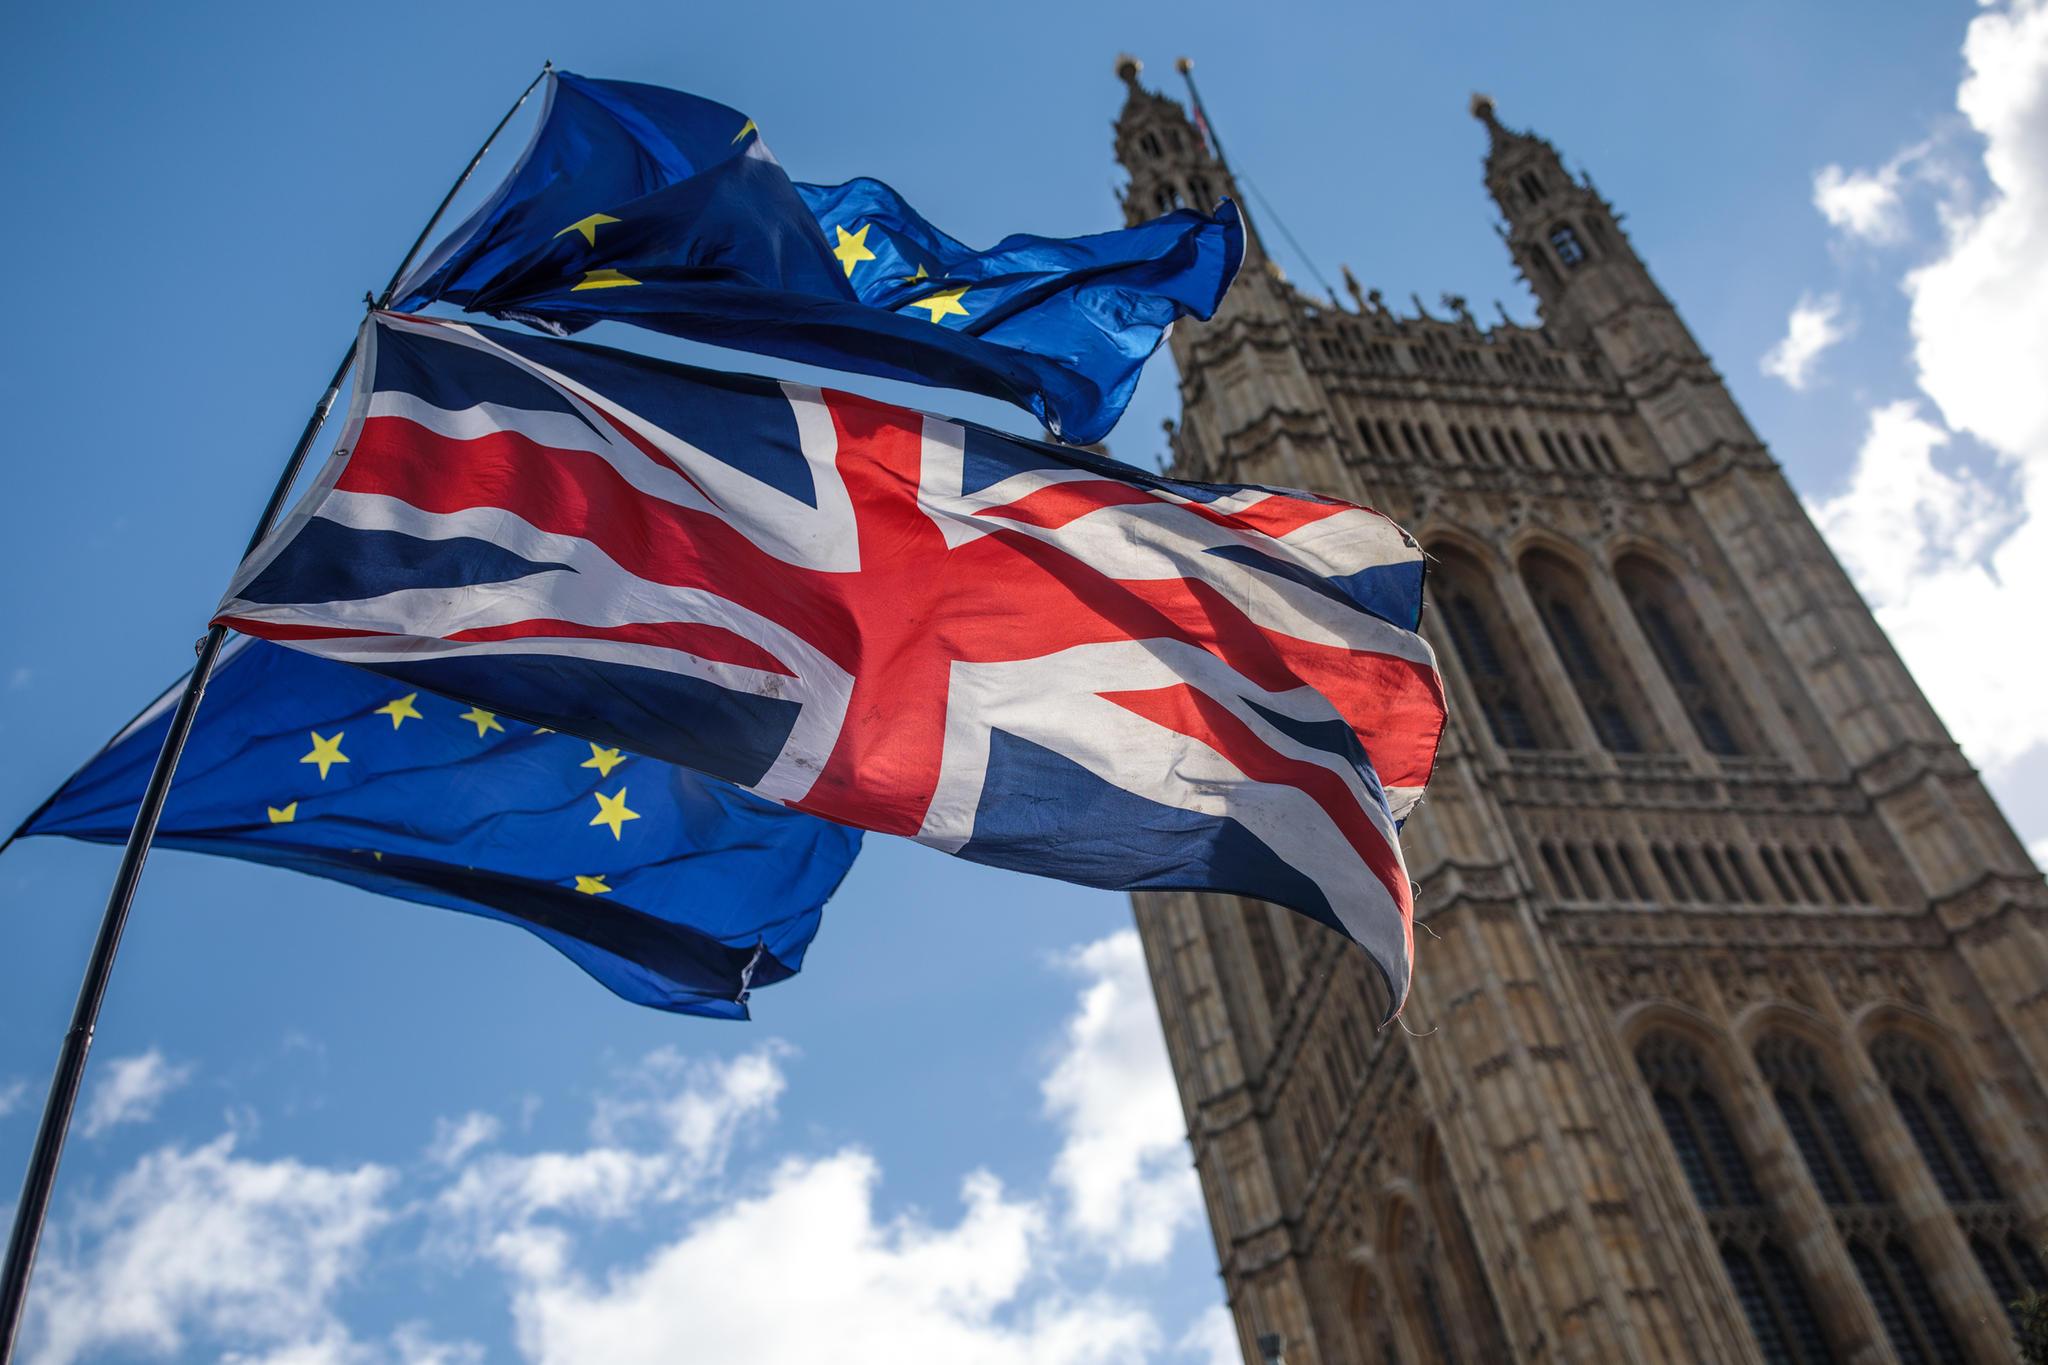 News des Tages: EU-Ratspräsident Tusk hält kurze Verschiebung des Brexits für möglich